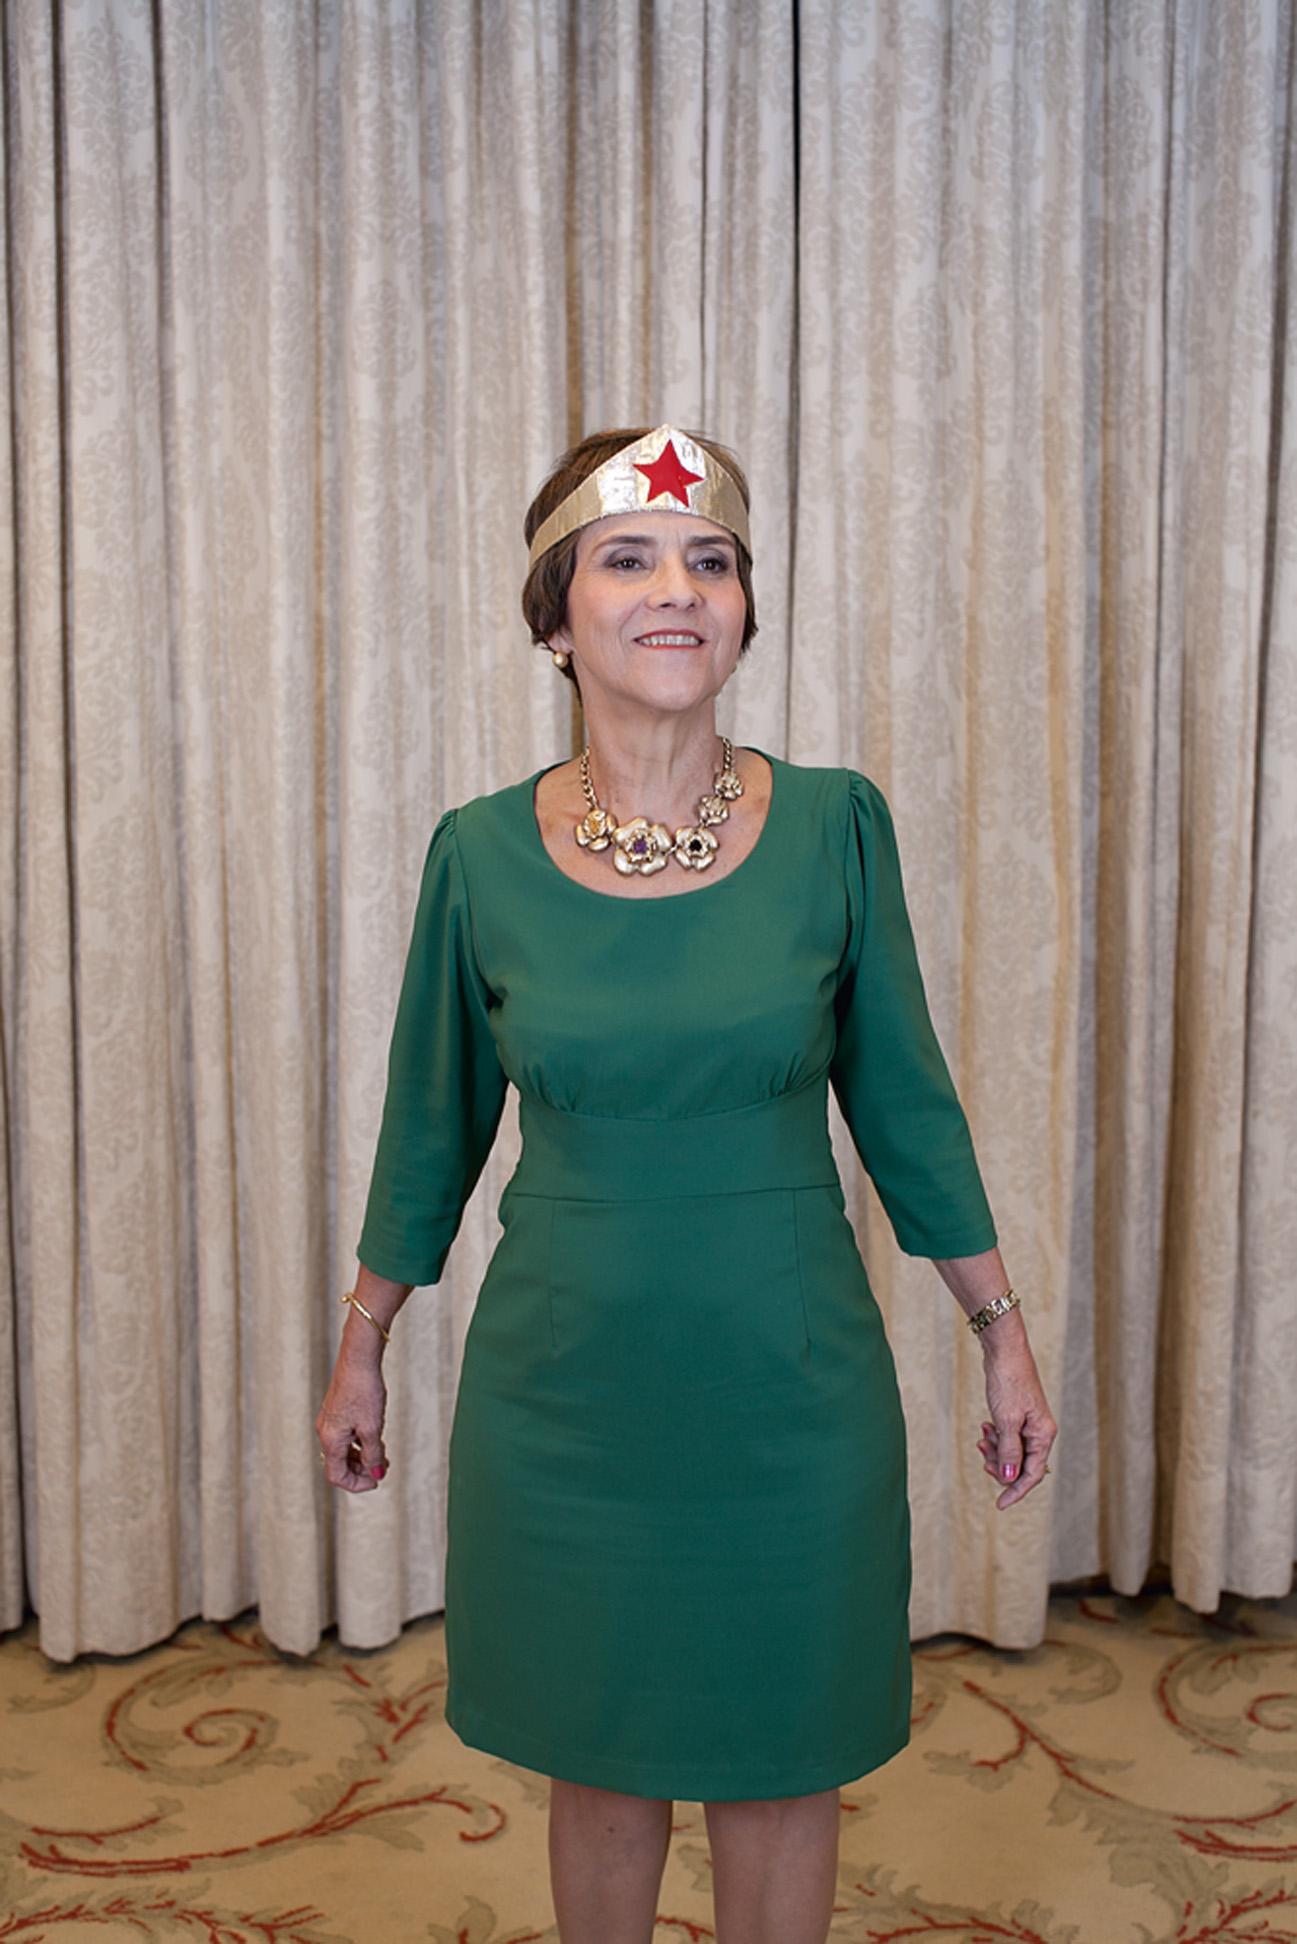 A ministra posa em hotel do Rio de JAneiro com adereço da Mulher Maravilha, que fez questão de usar durante a entrevista